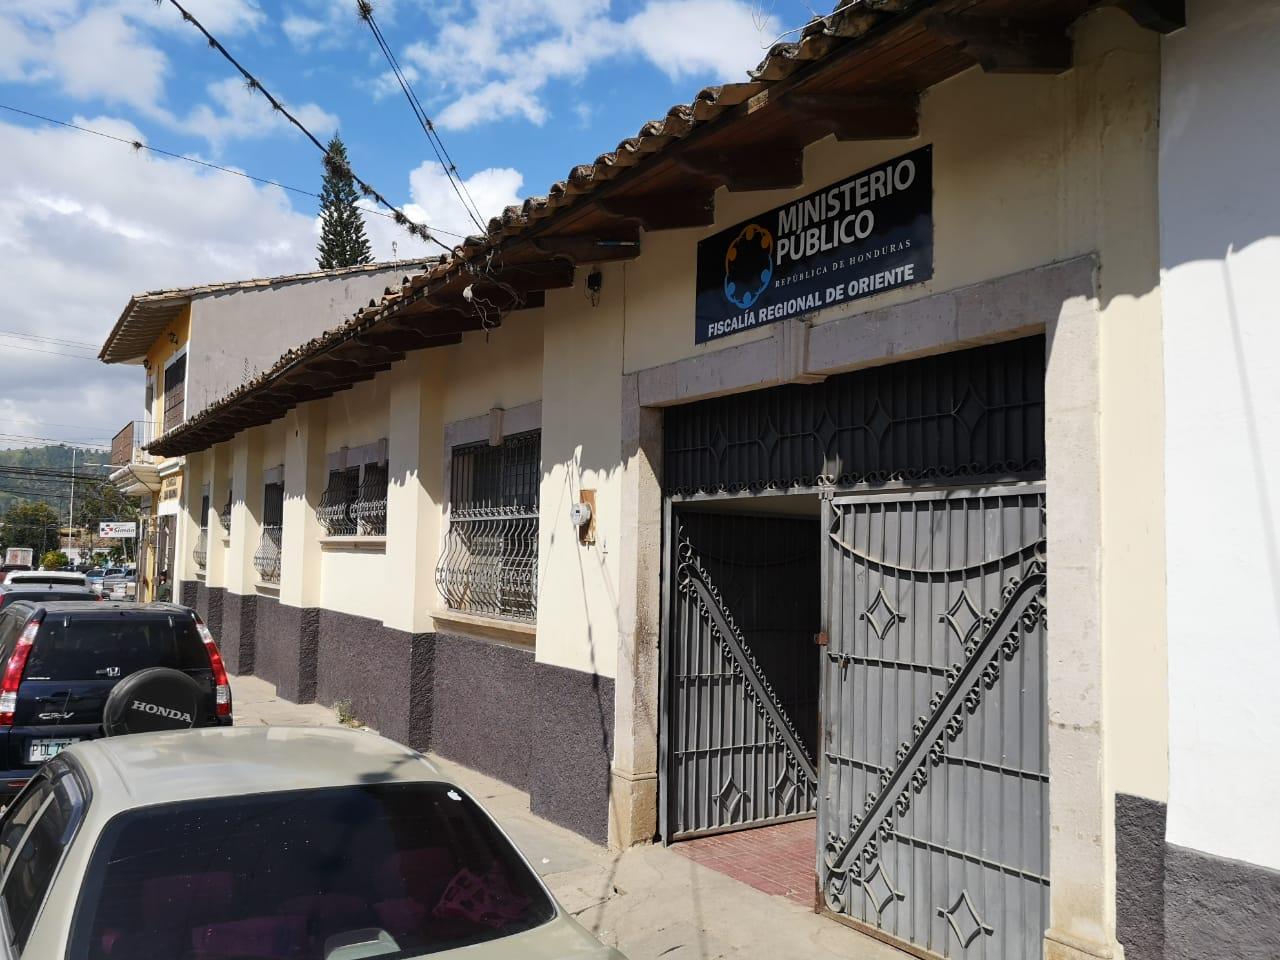 FACHADA FISCALÍA REGIONAL DE ORIENTE 1